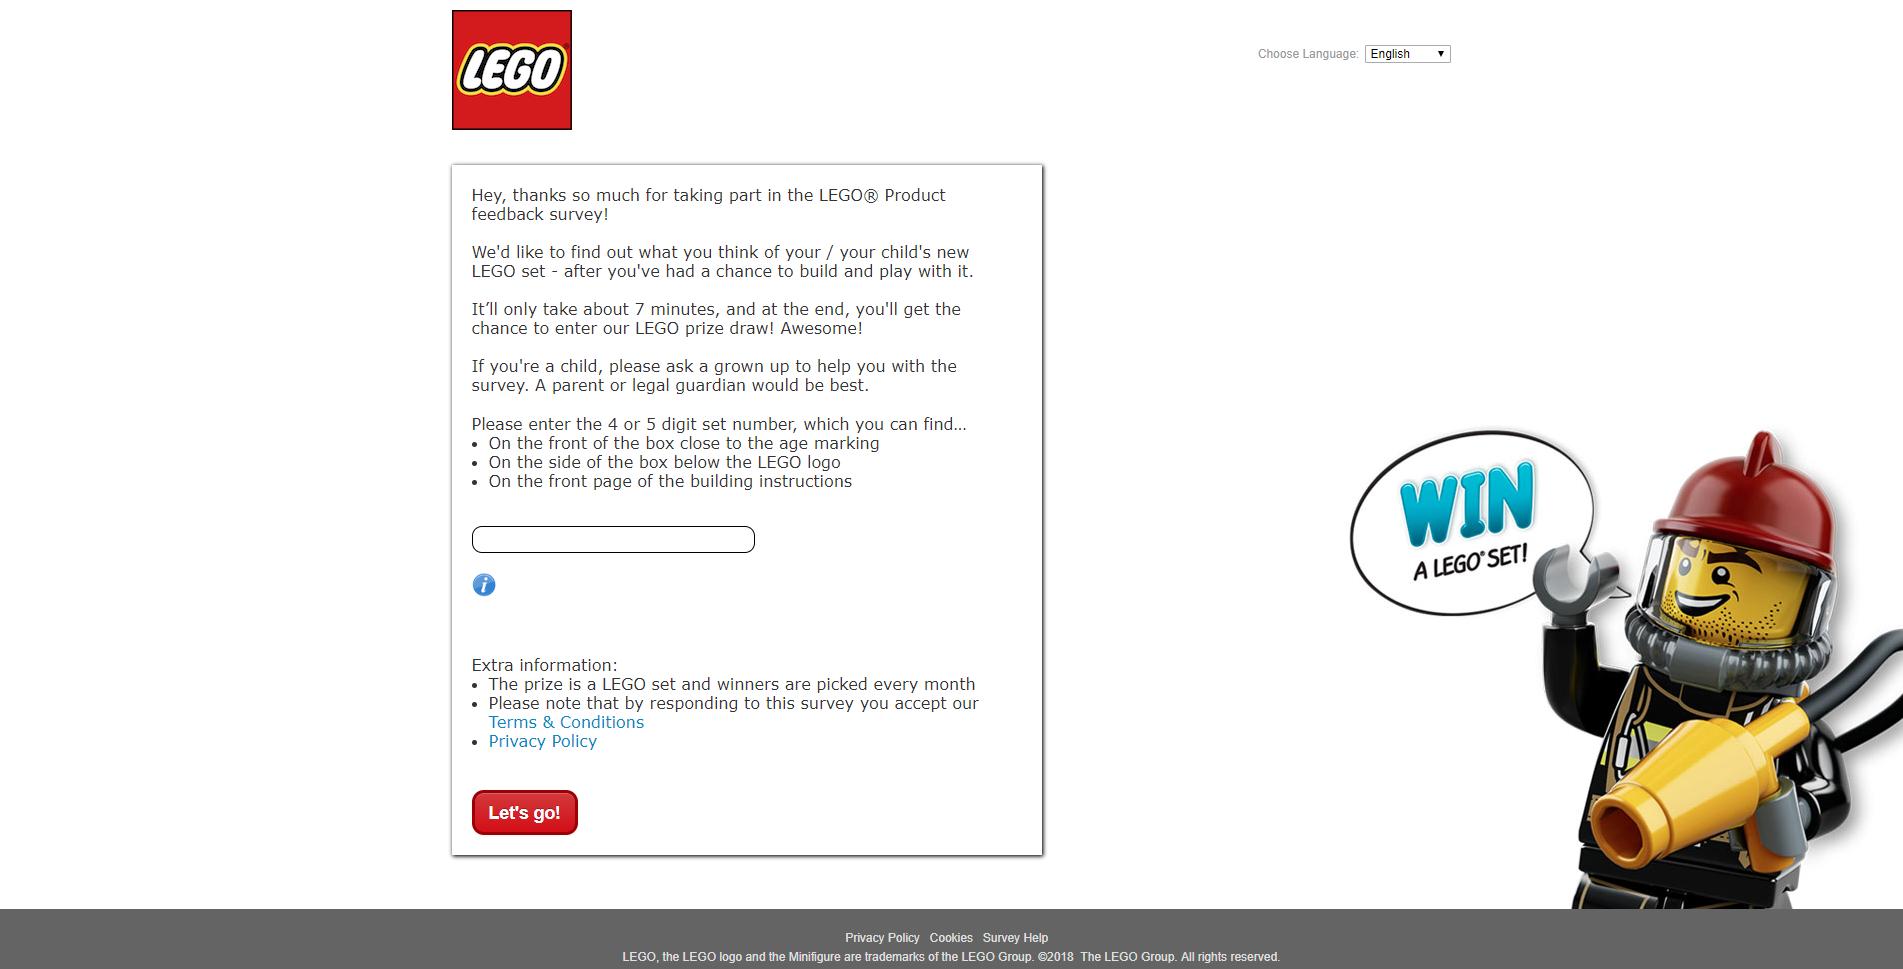 survey.medallia.com/legoproduct?domainredir=lego.com